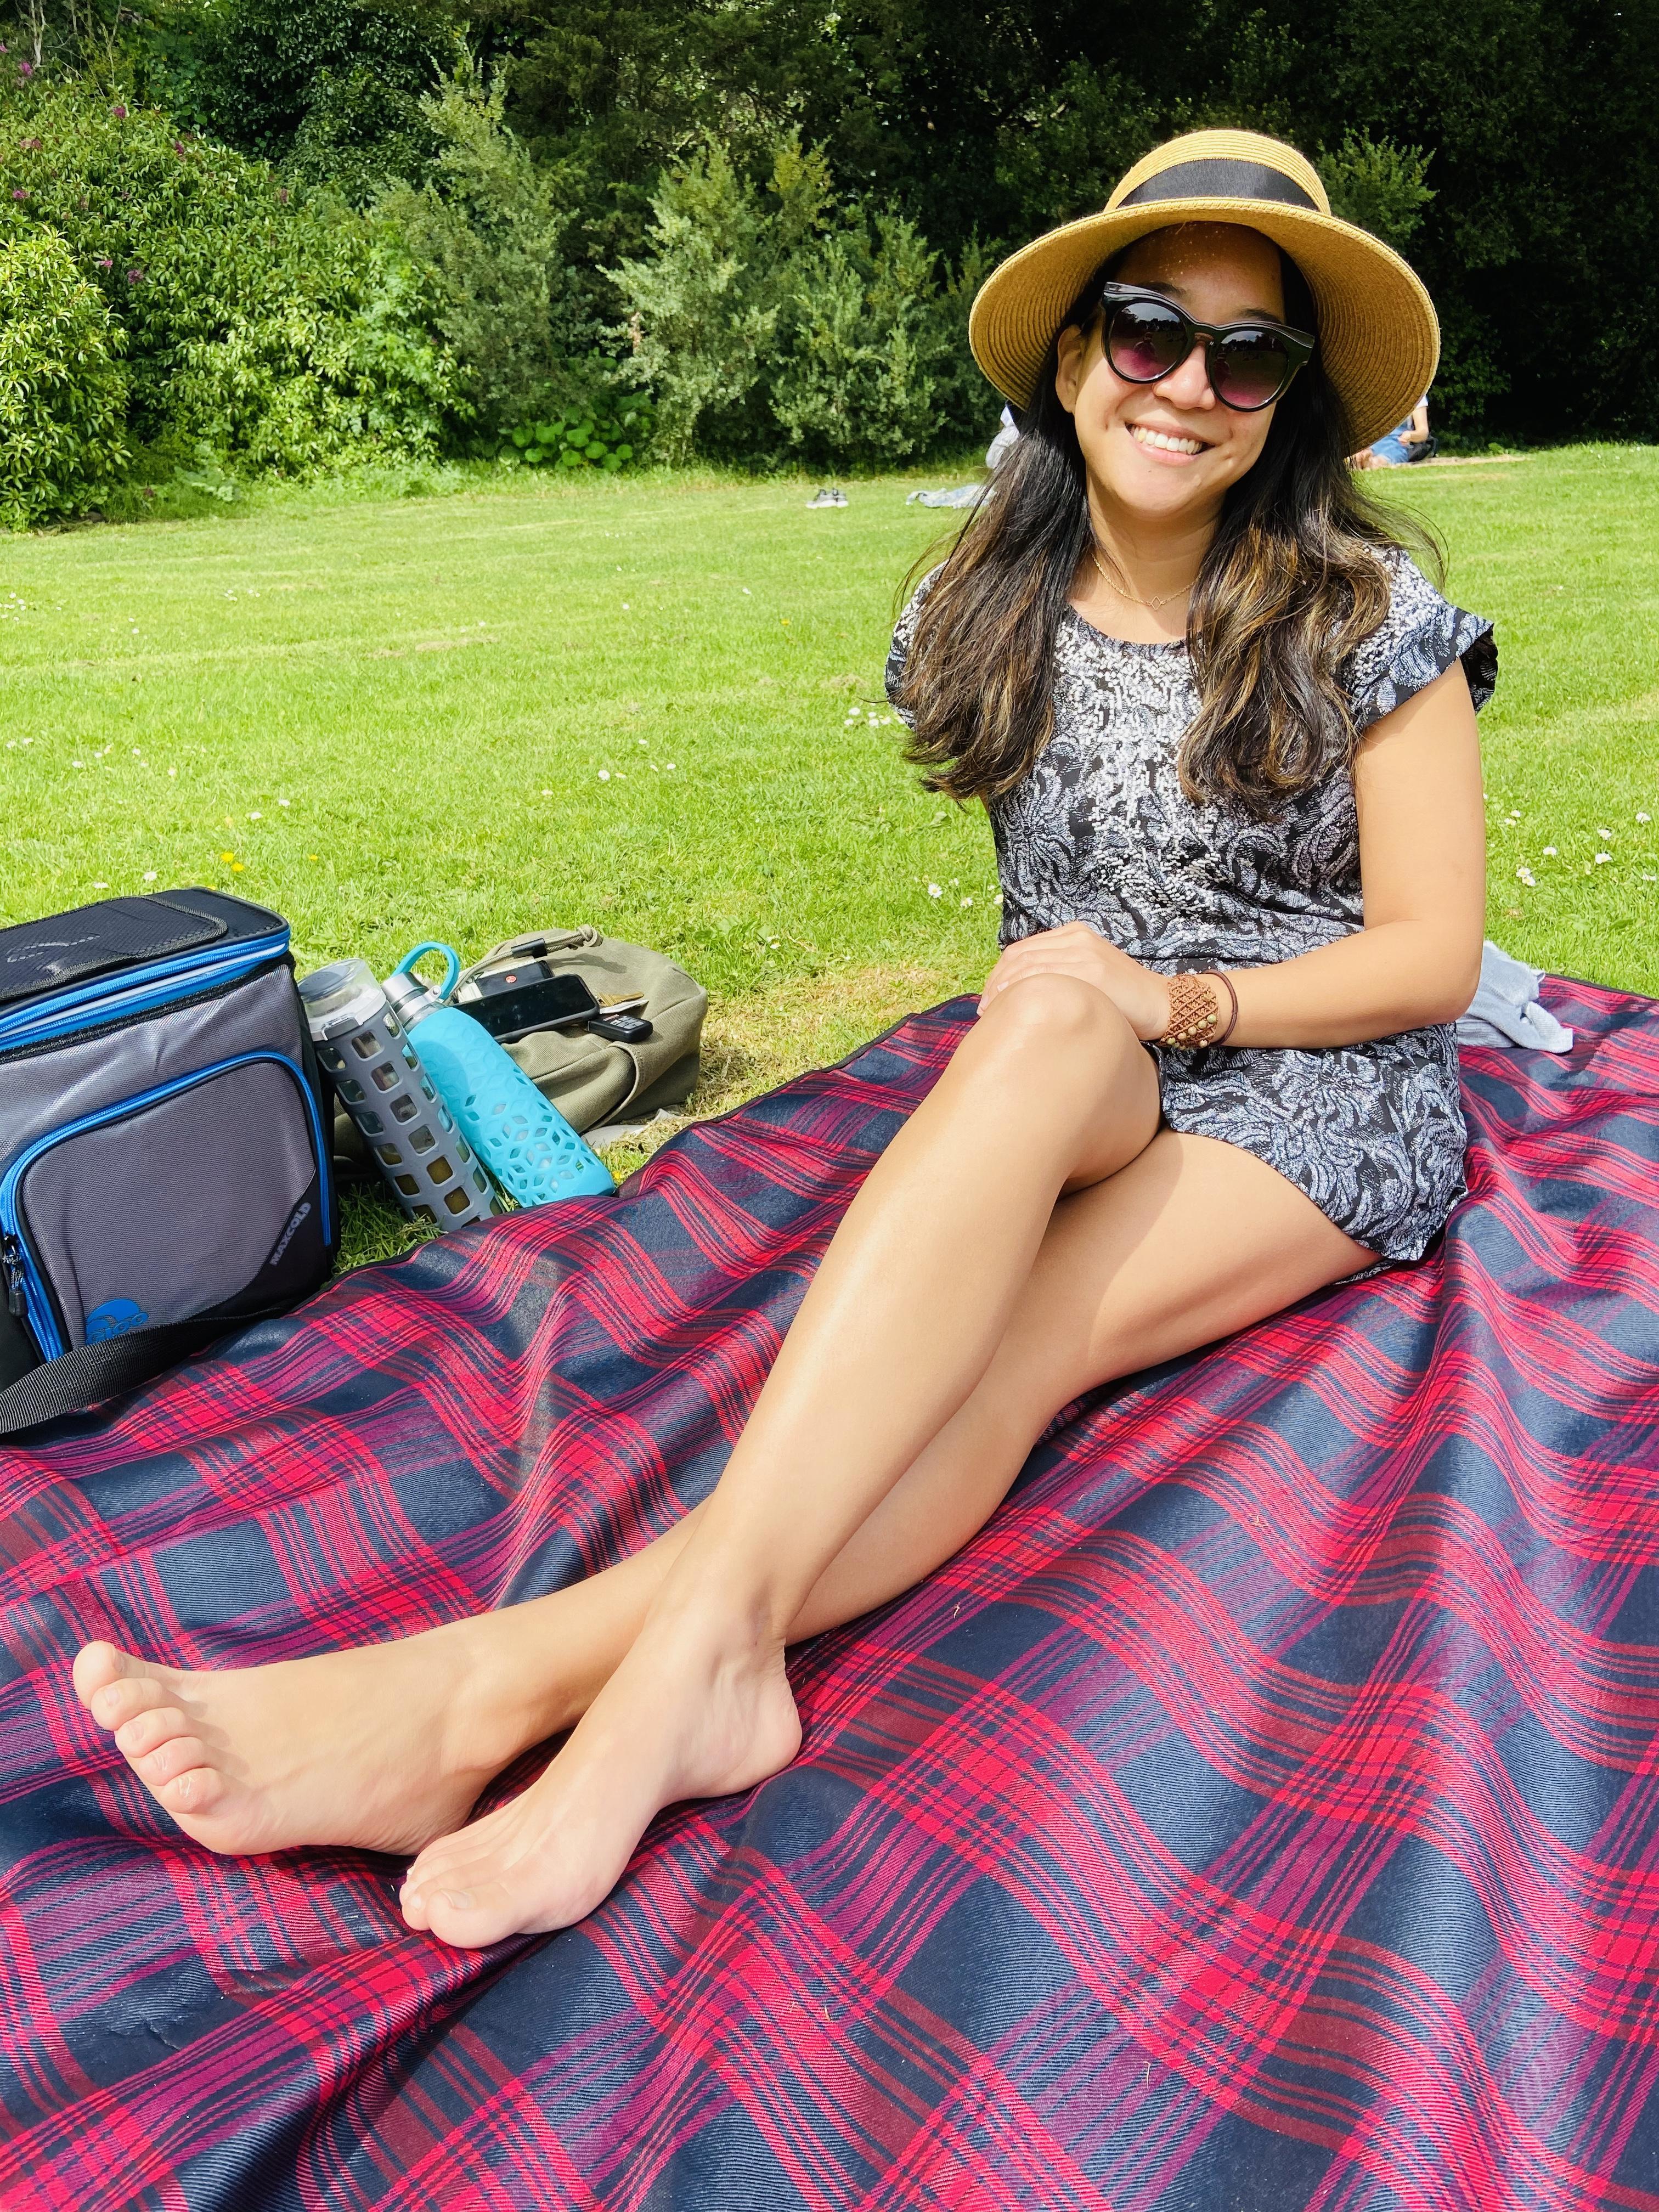 Girl on picnic blanket Golden Gate Park